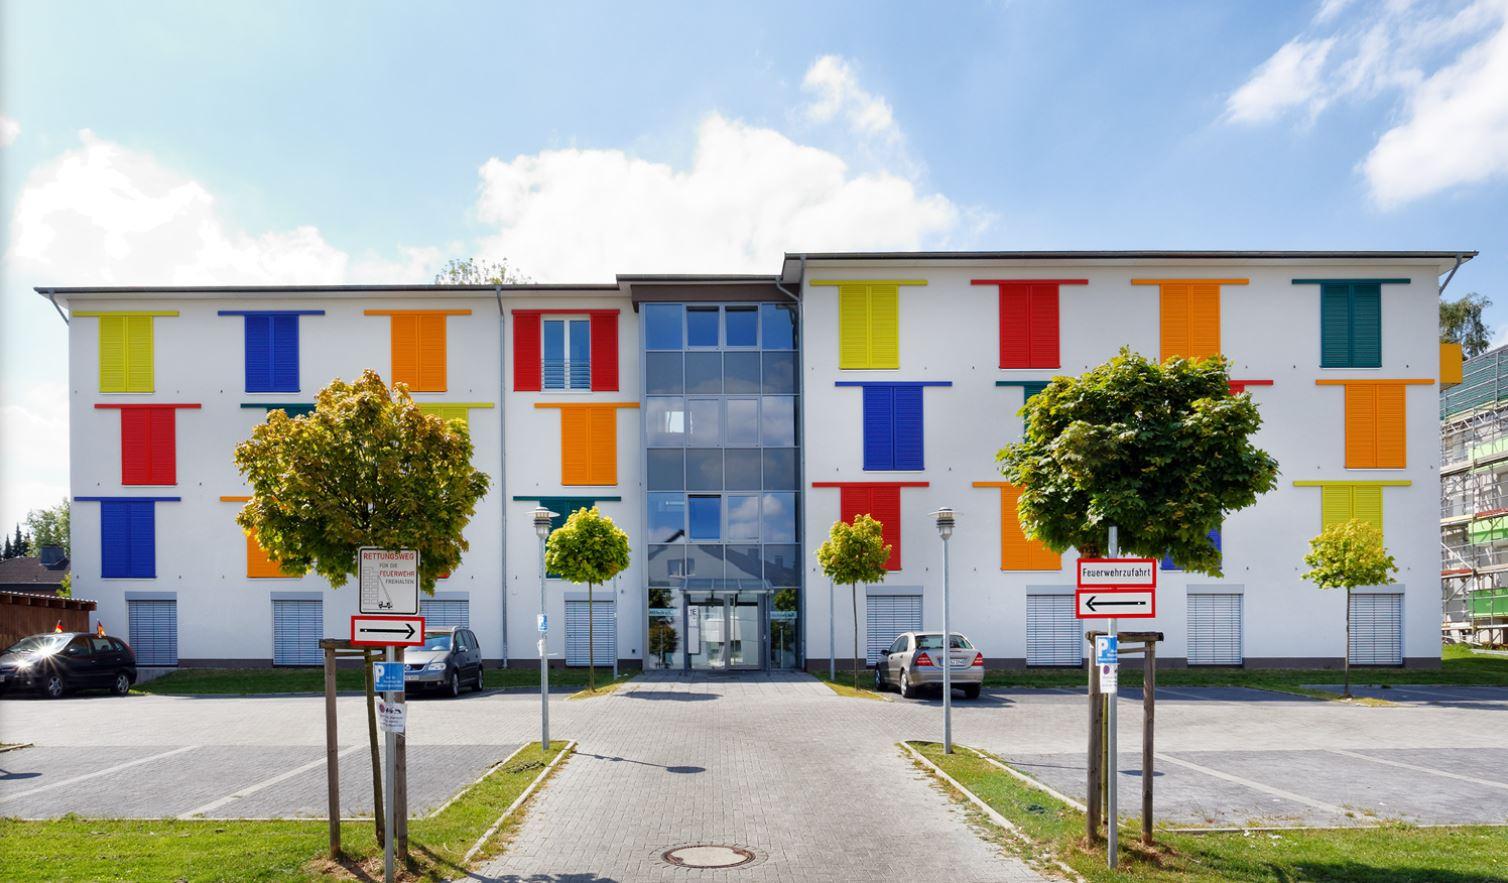 integritas - Pflege&Aktivzentrum, Wohngemeinschaft, Service GmbH